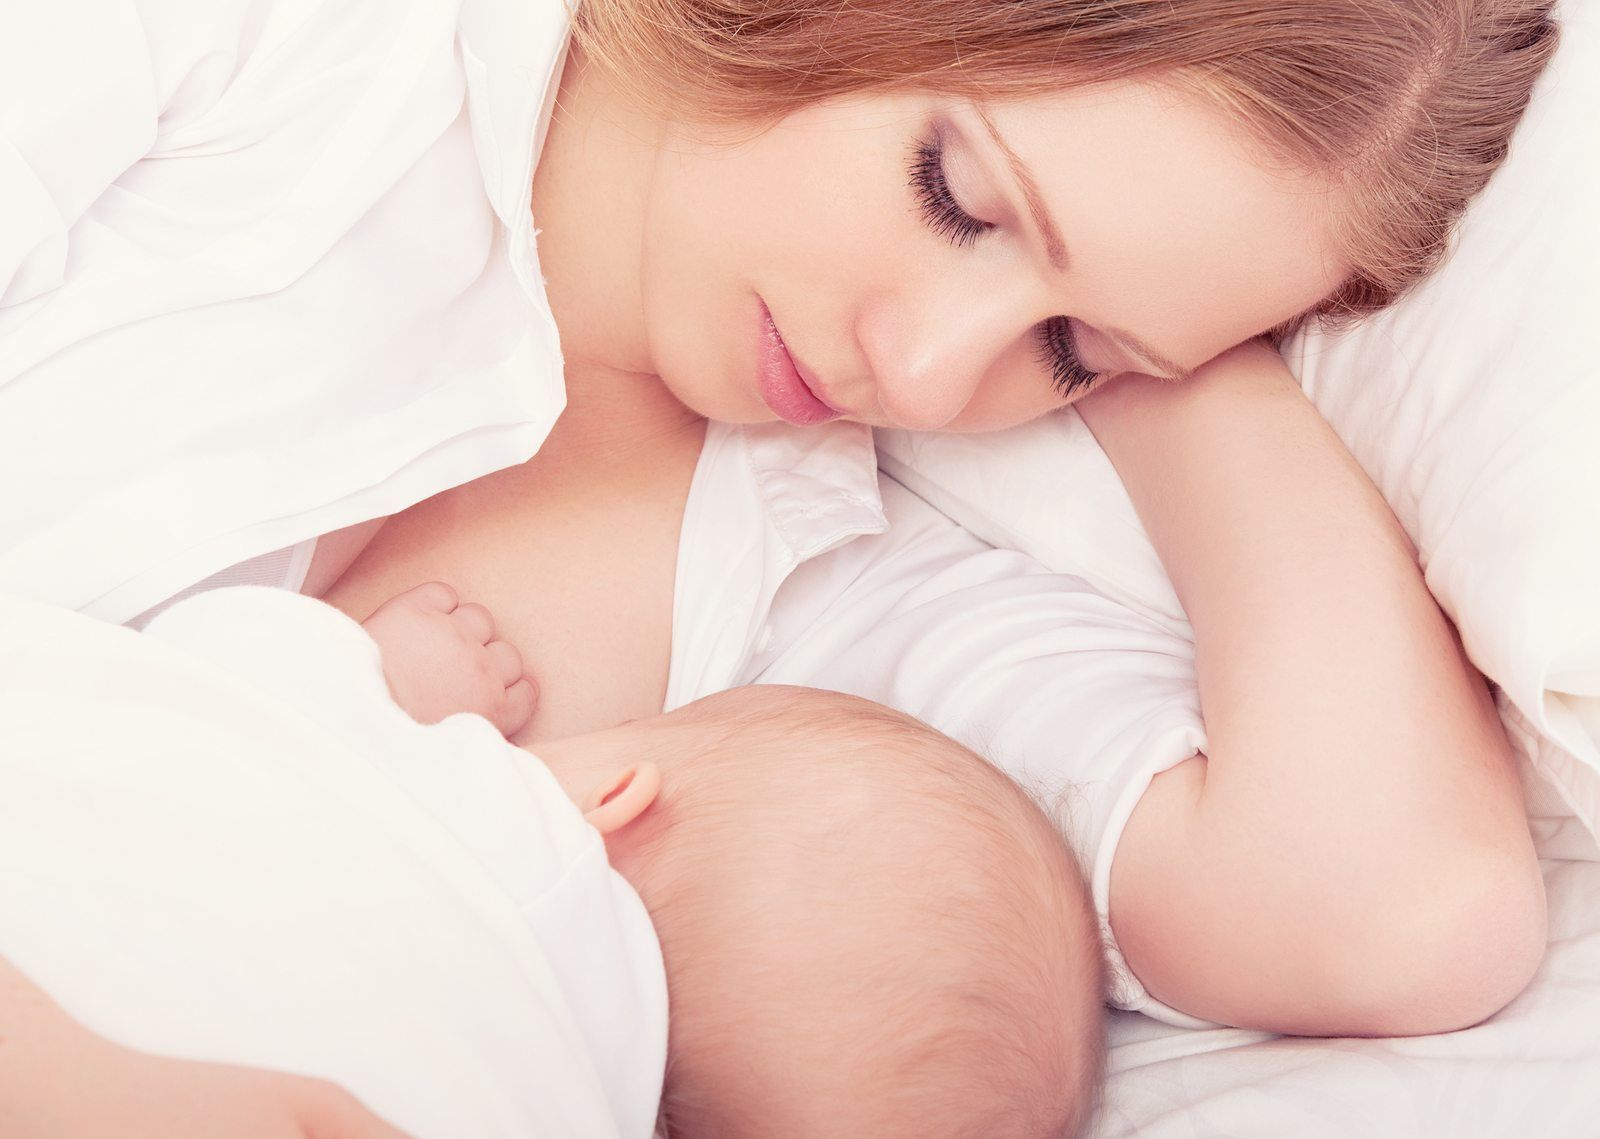 Anne ve Bebek İçin Emzirmenin Faydaları